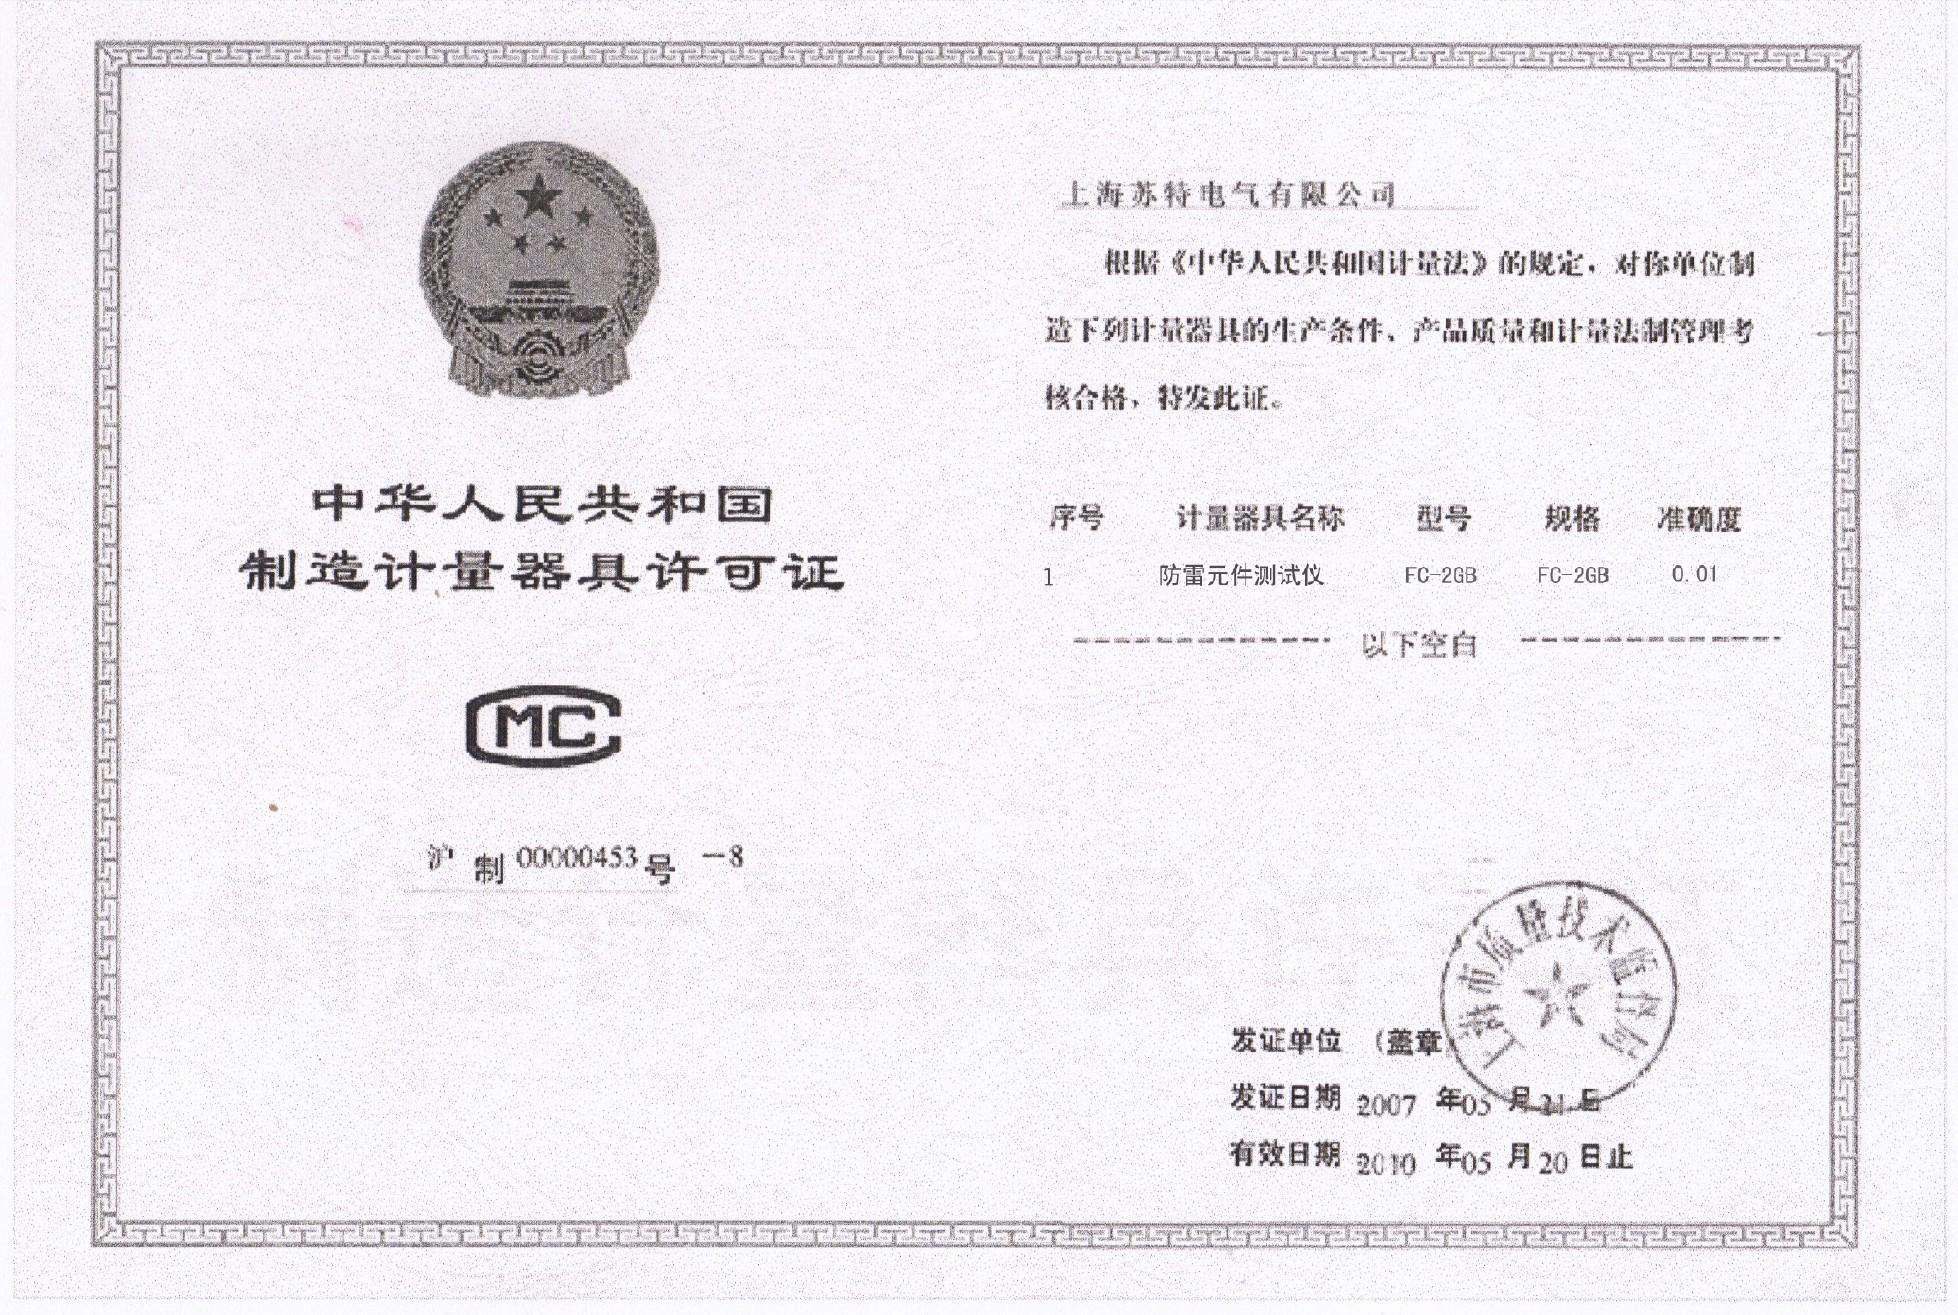 防雷元件測試儀制造計量器具許可證